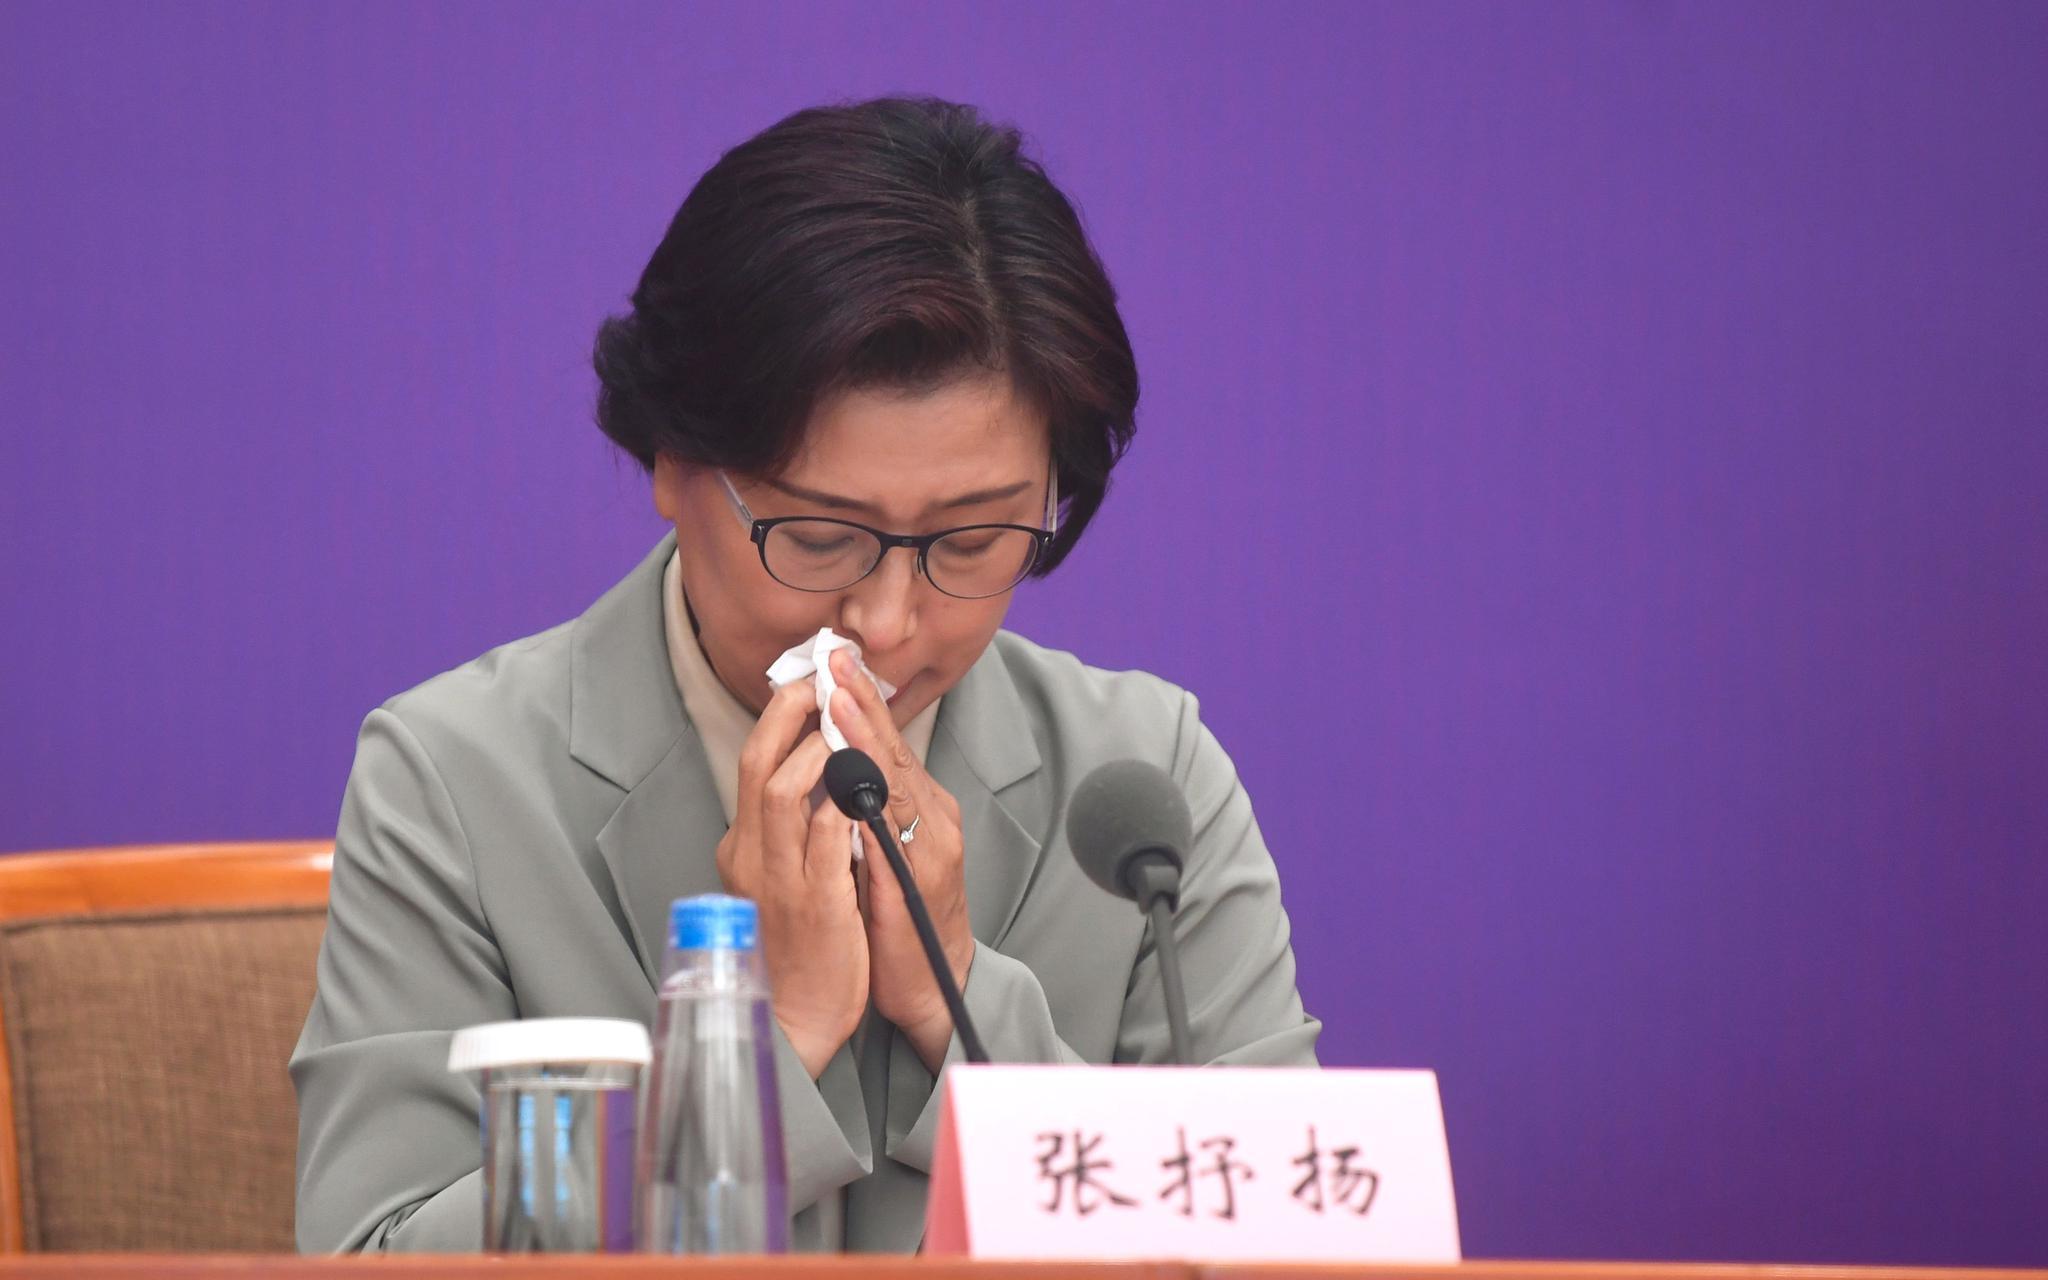 国务院发布会上 北京协和医院援鄂医疗队领队数次哽咽图片